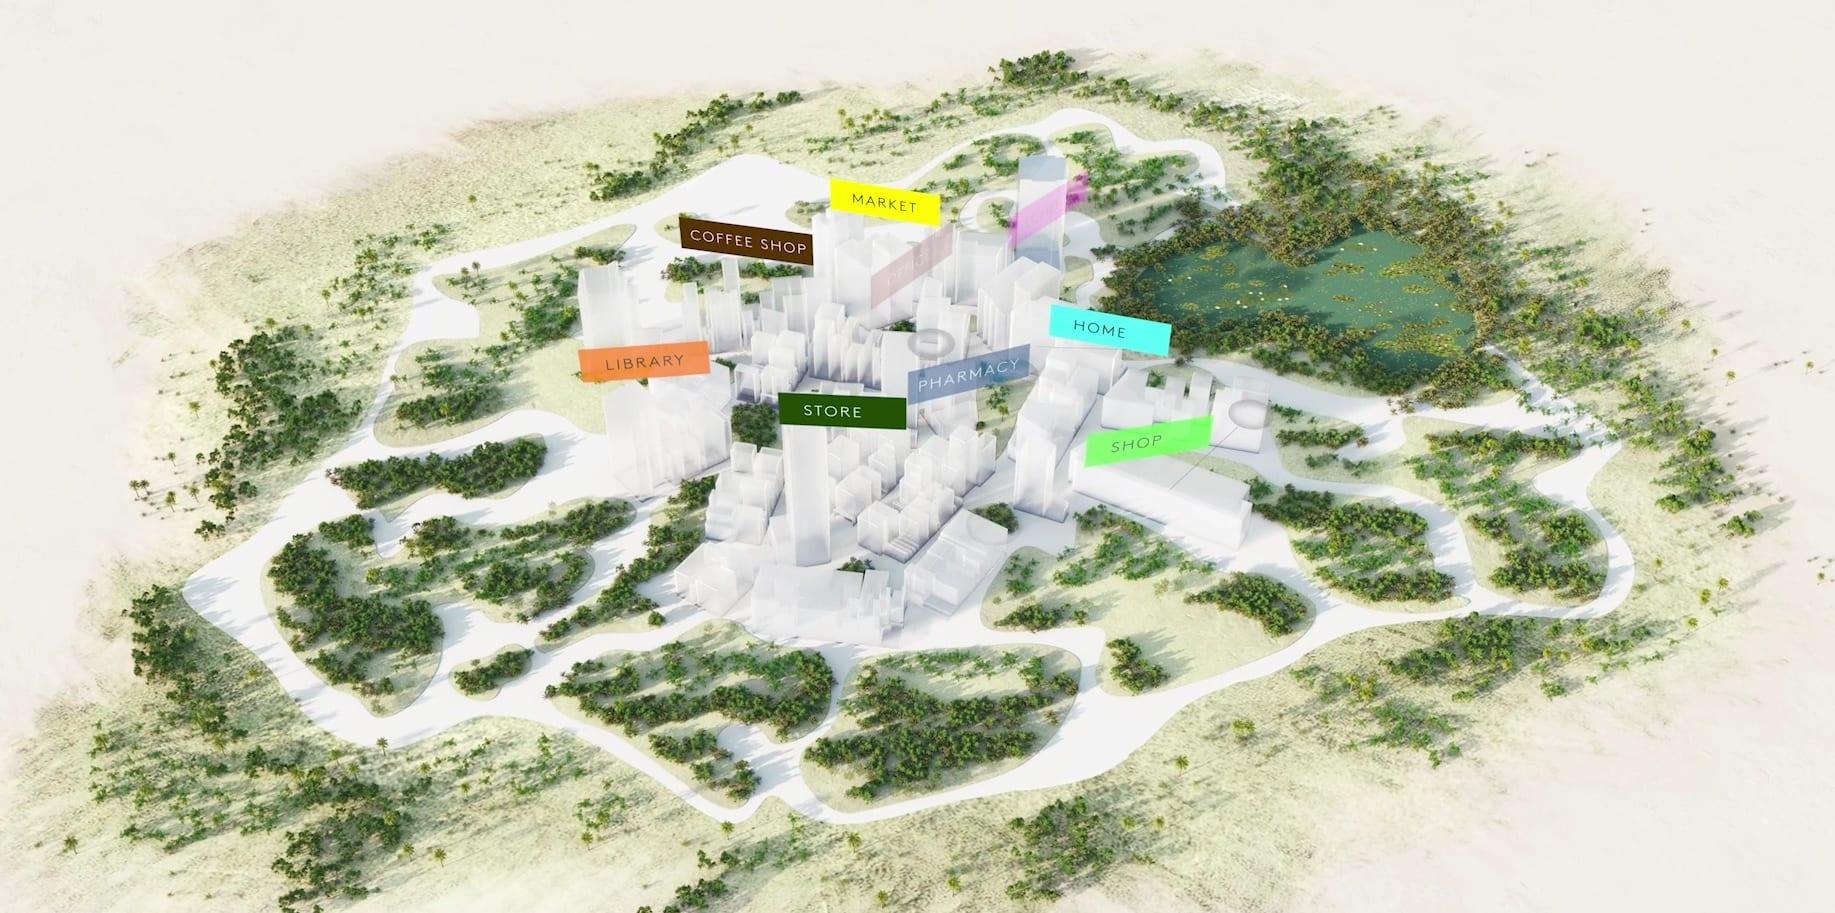 רעיון הפרוזדור האורבני בעיר ניאום (צילום: צילום מסך)